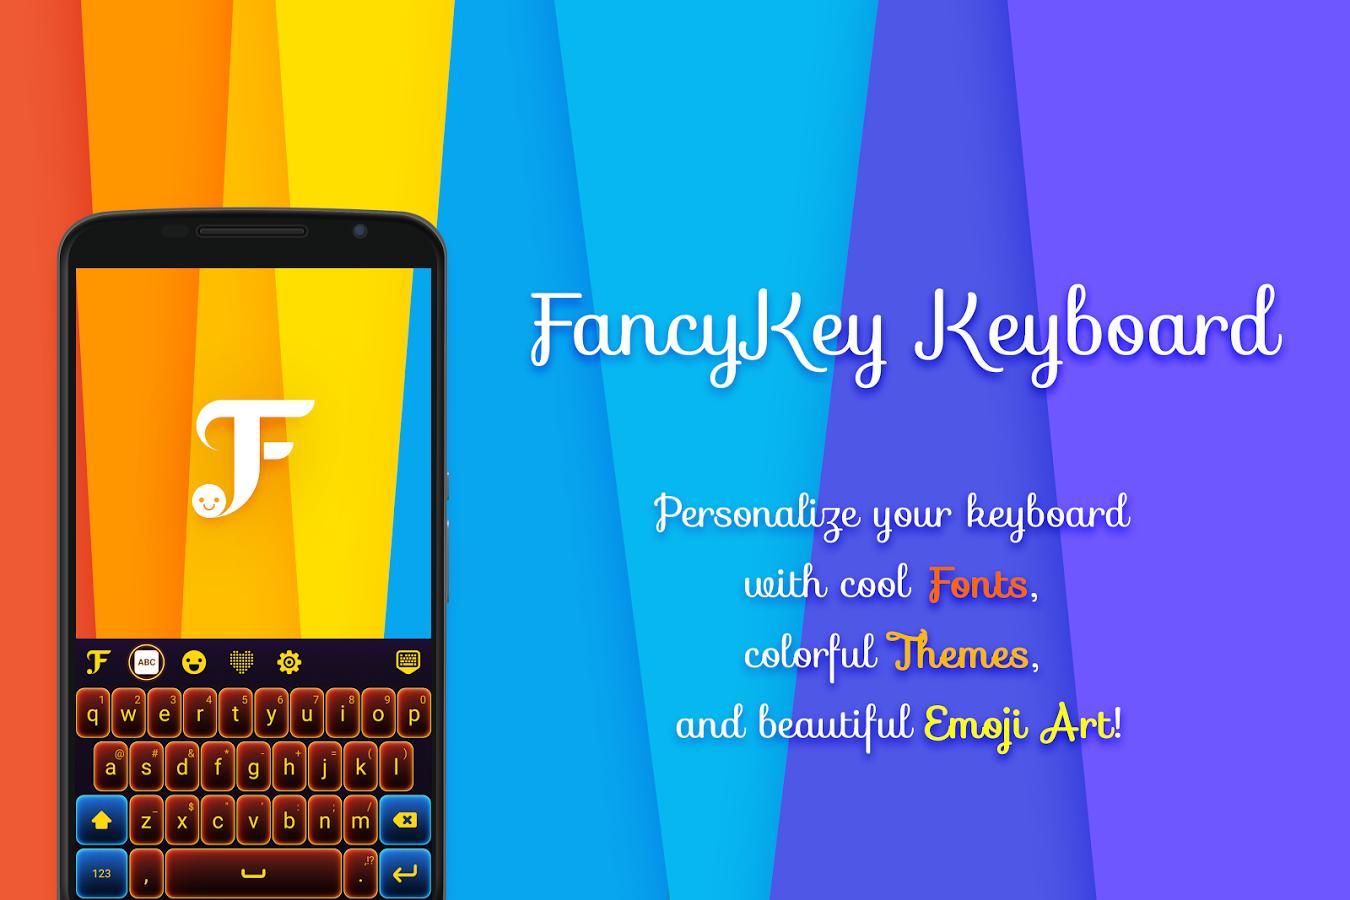 FancyKey-Keyboard-Cool-Fonts